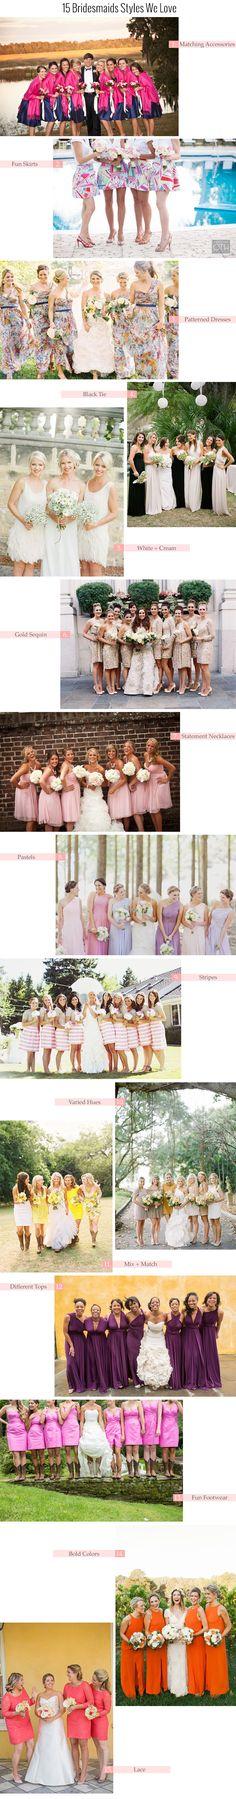 15 Bridesmaids Styles We Love | Coastal Bride